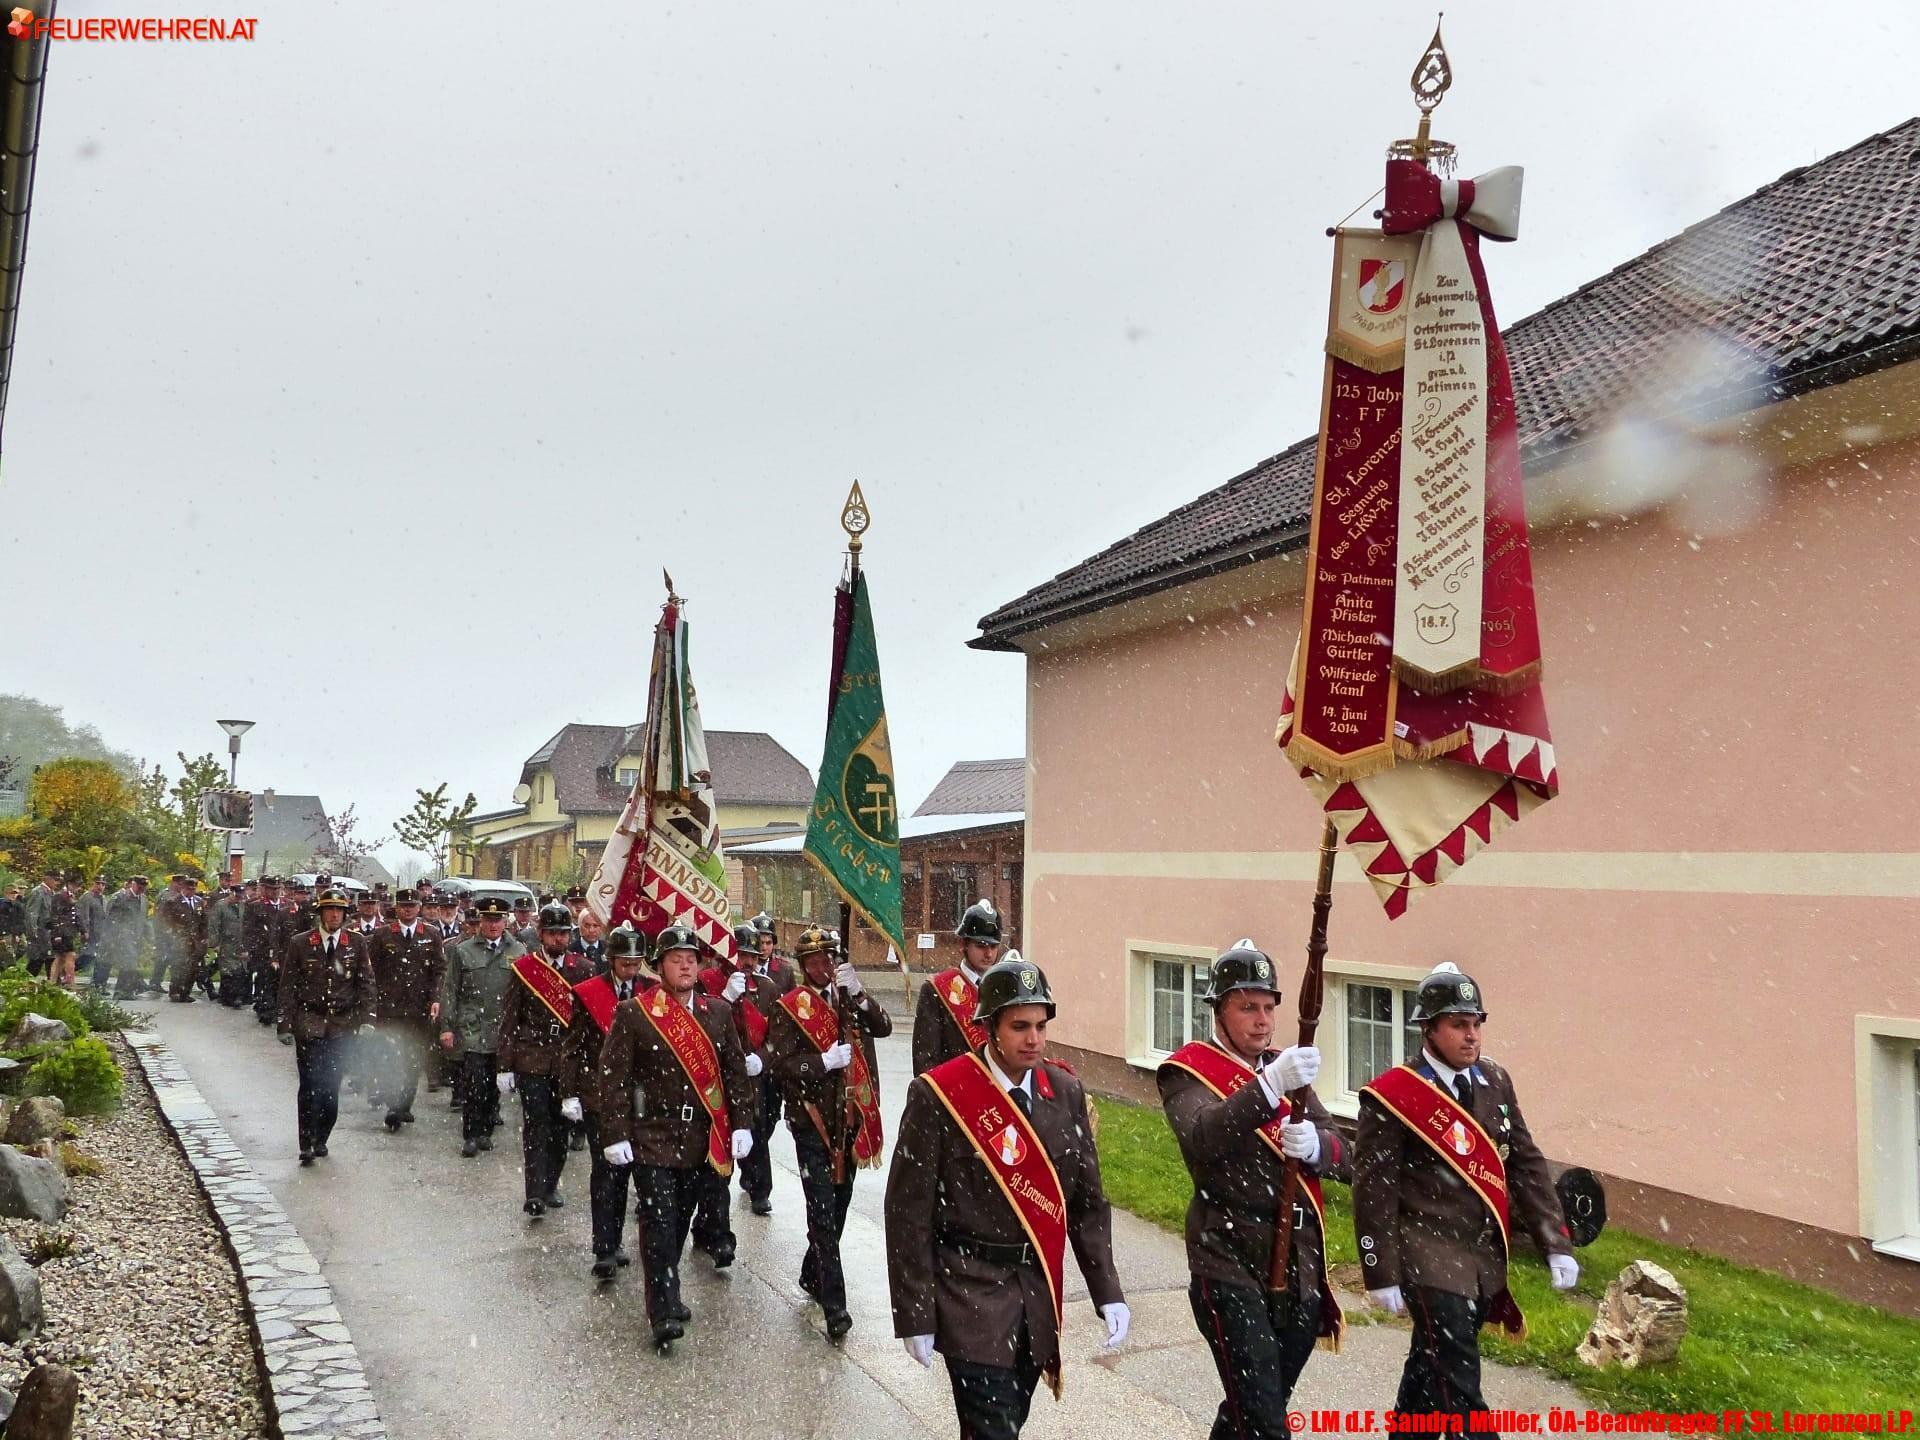 LM d.F. Sandra Müller, ÖA-Beauftragte FF St. Lorenzen i.P.